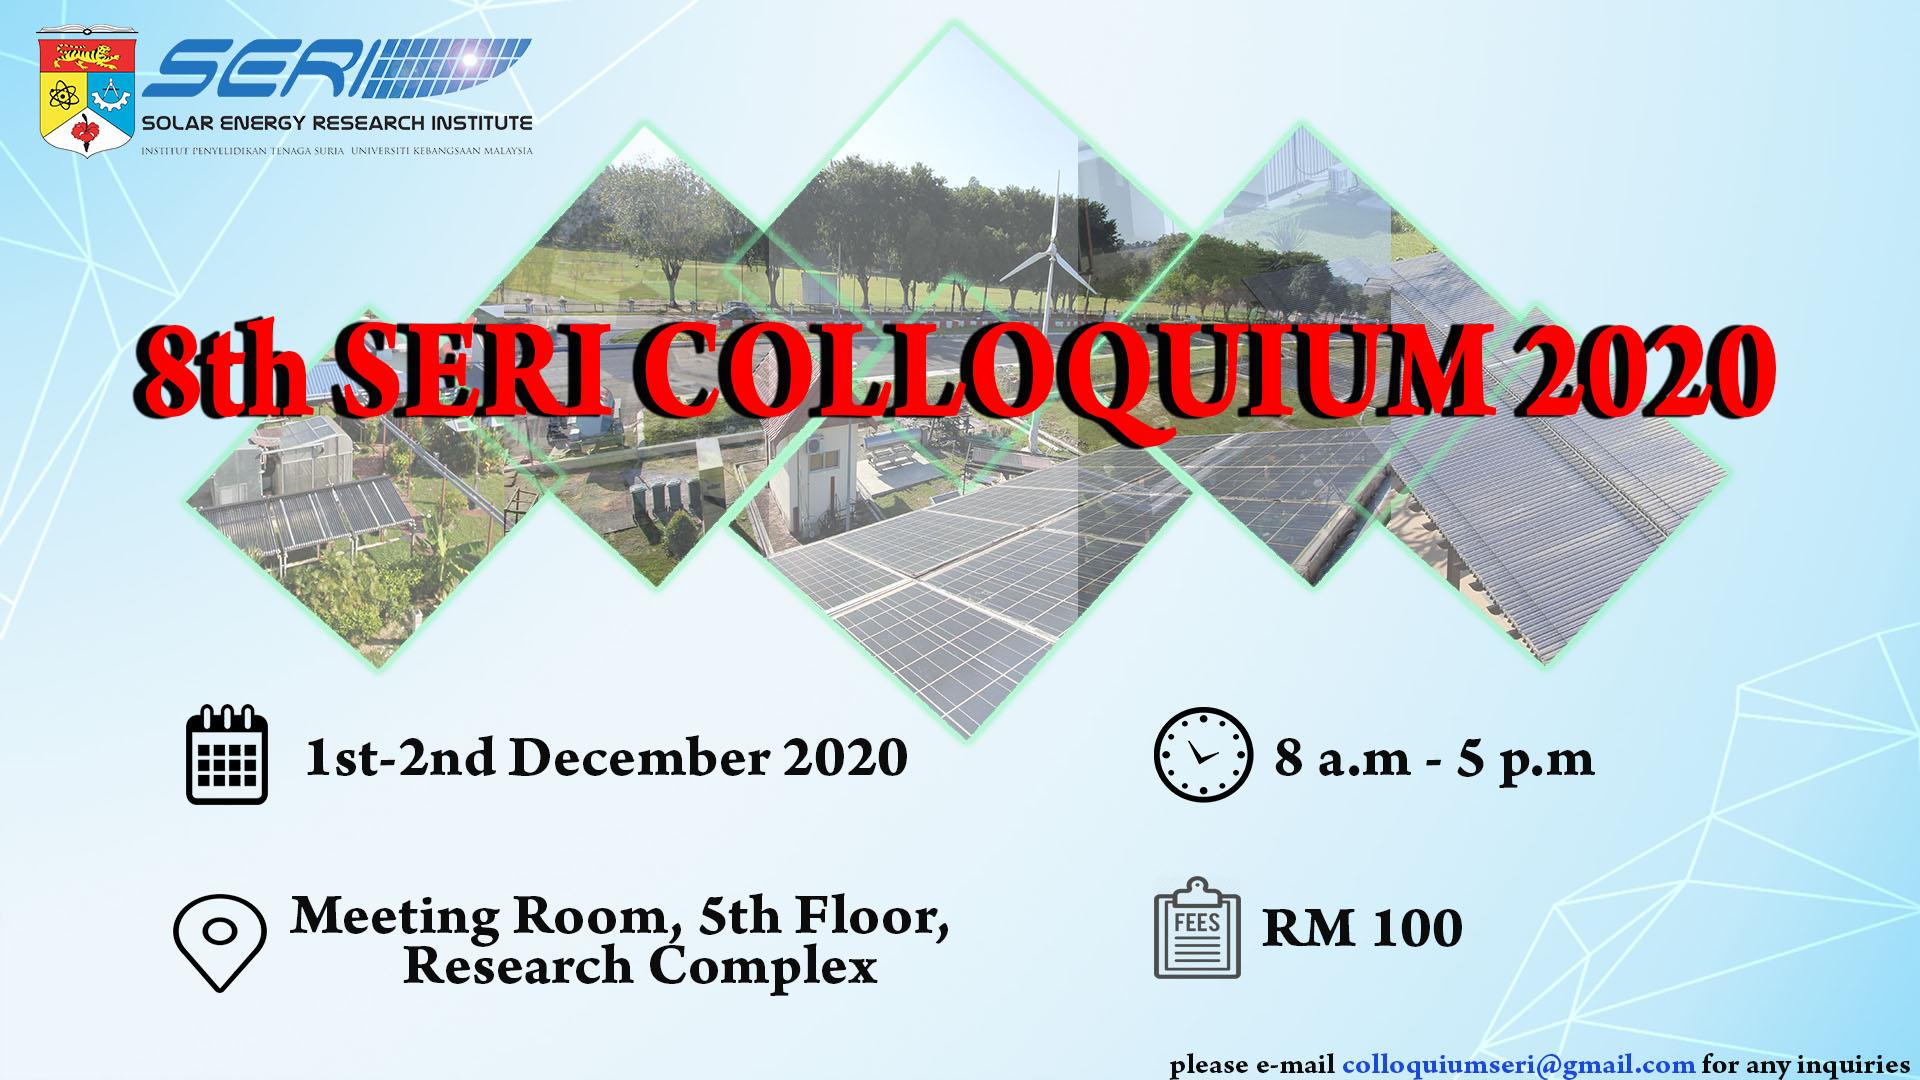 8th SERI COLLOQUIUM 2020